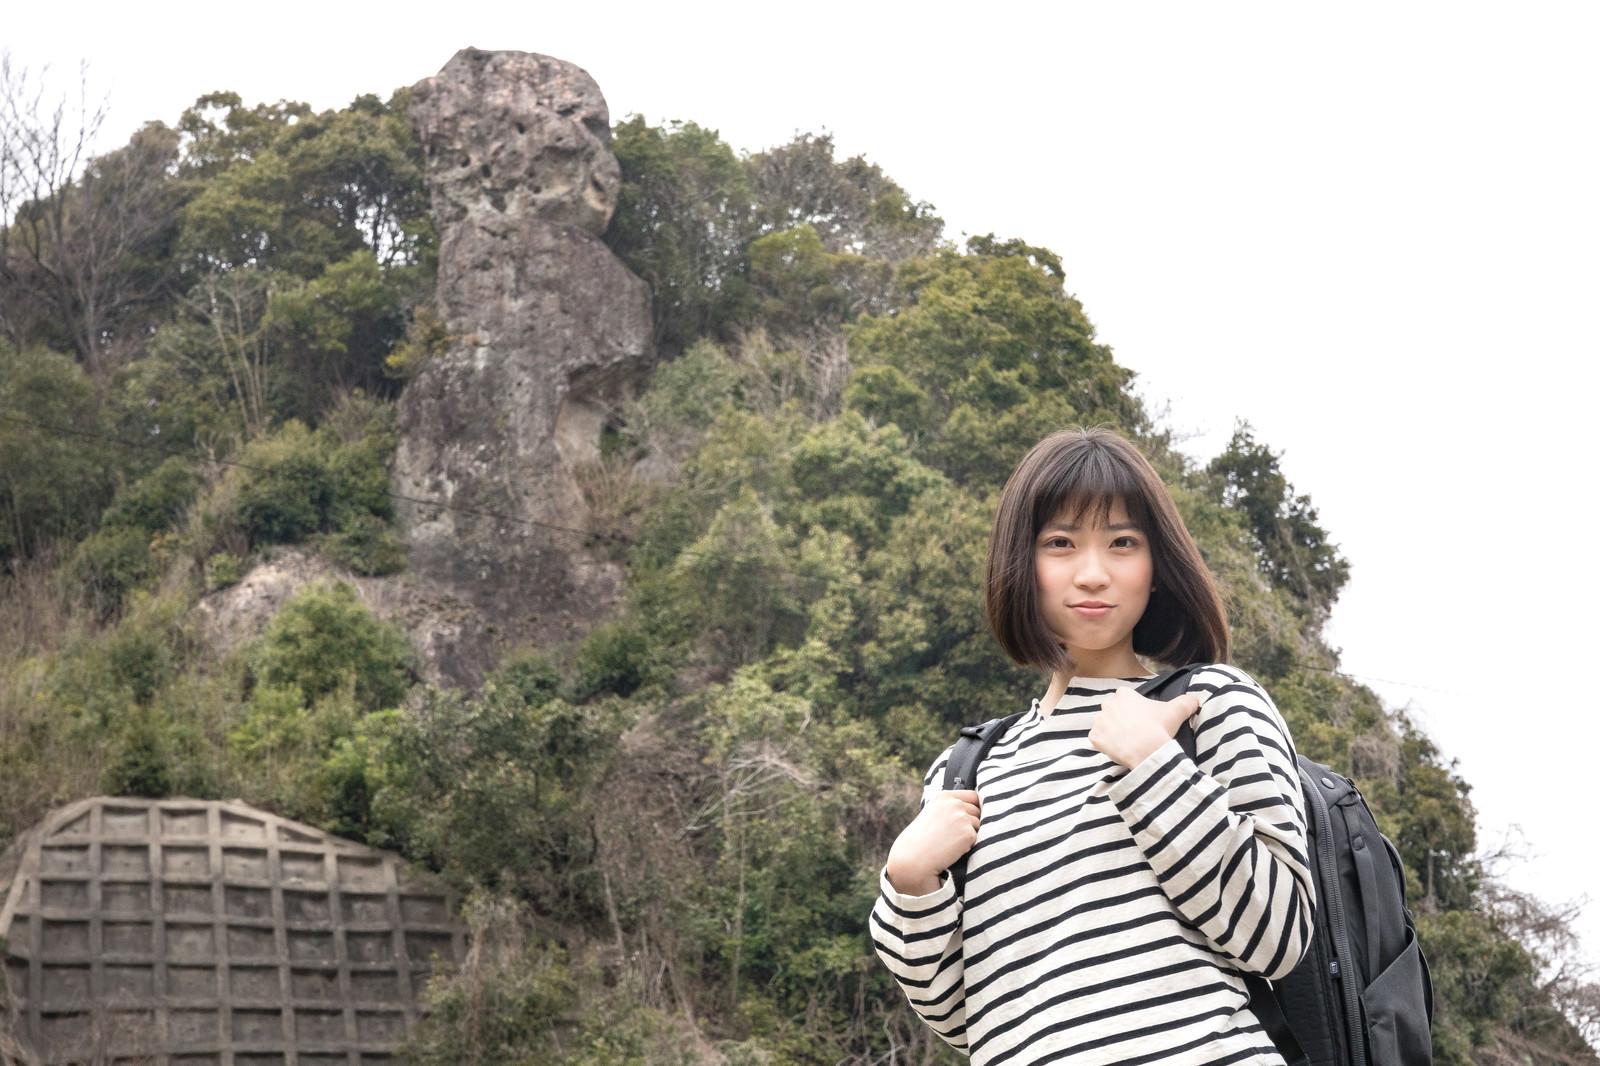 「鯖くさらかし岩とページを探す女性」の写真[モデル:塩田みう]